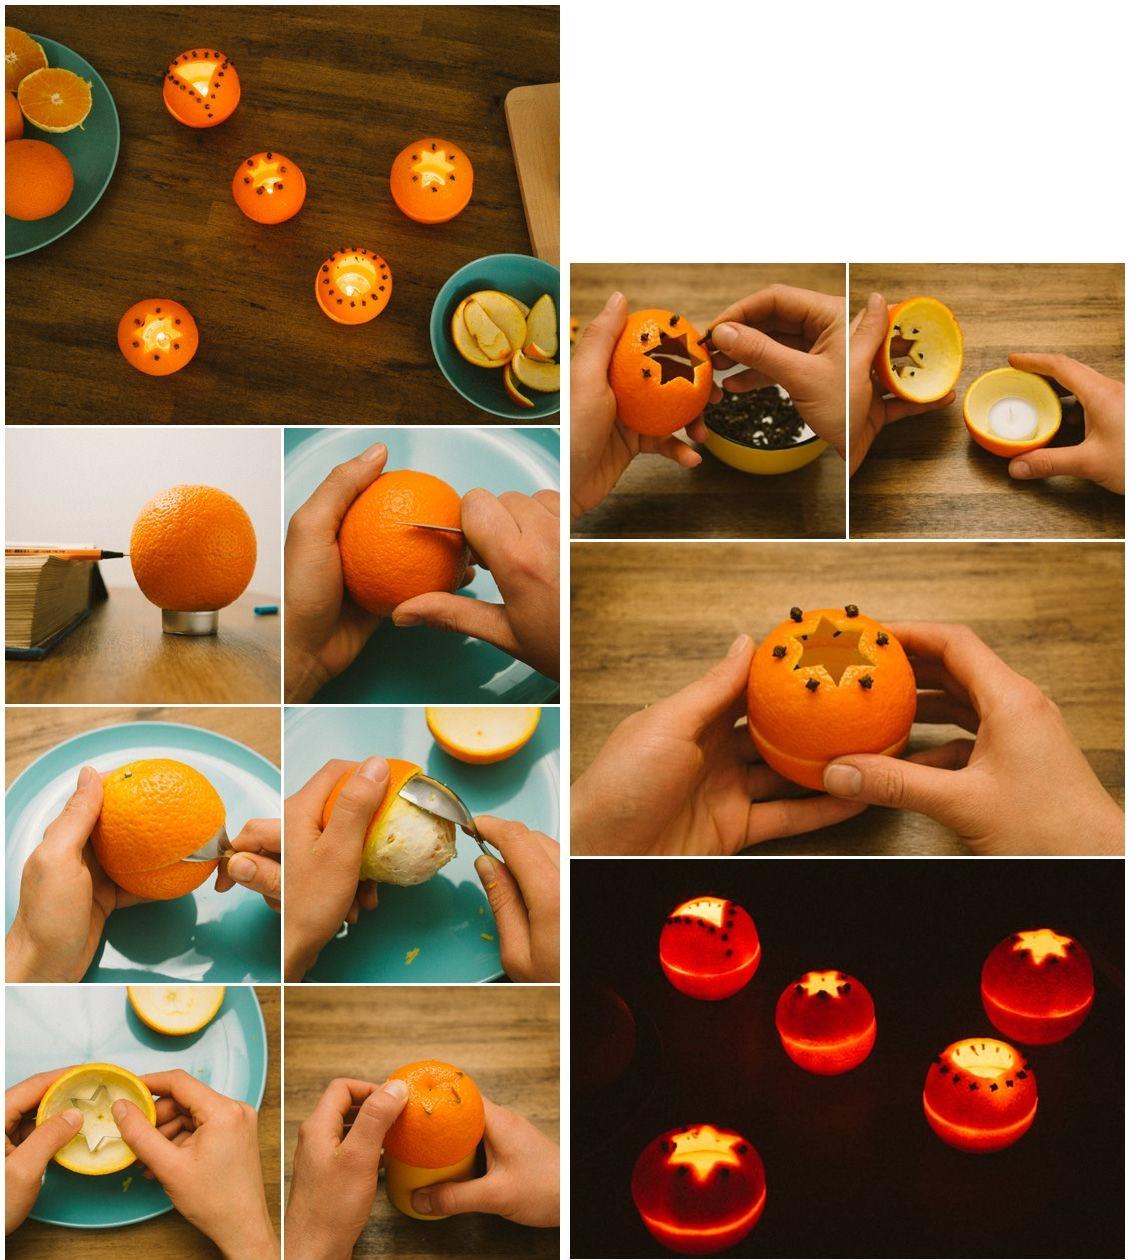 Новогодние подсвечники из апельсинов своими руками